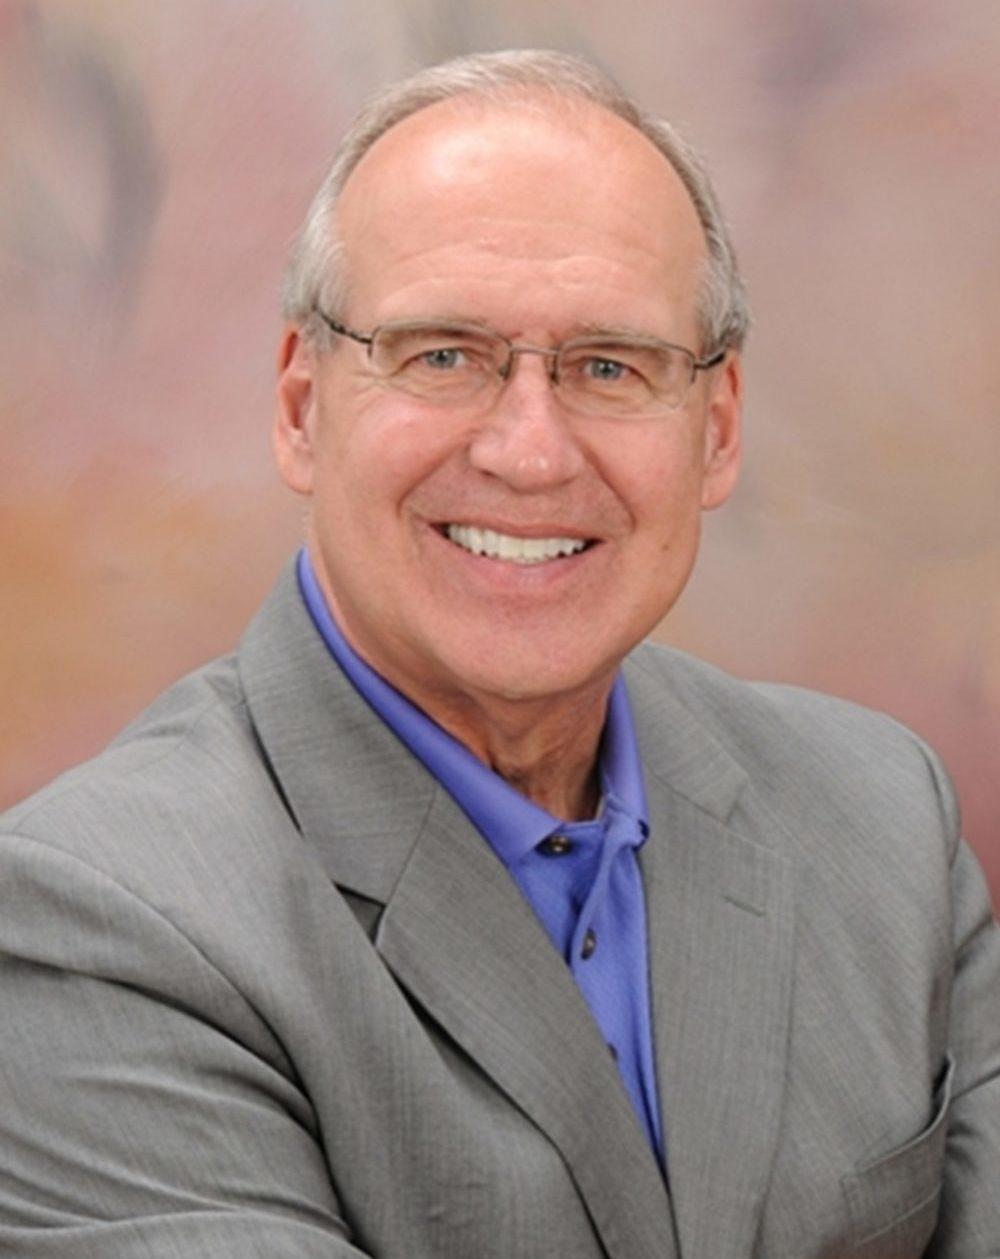 Pastor Bruce Jones